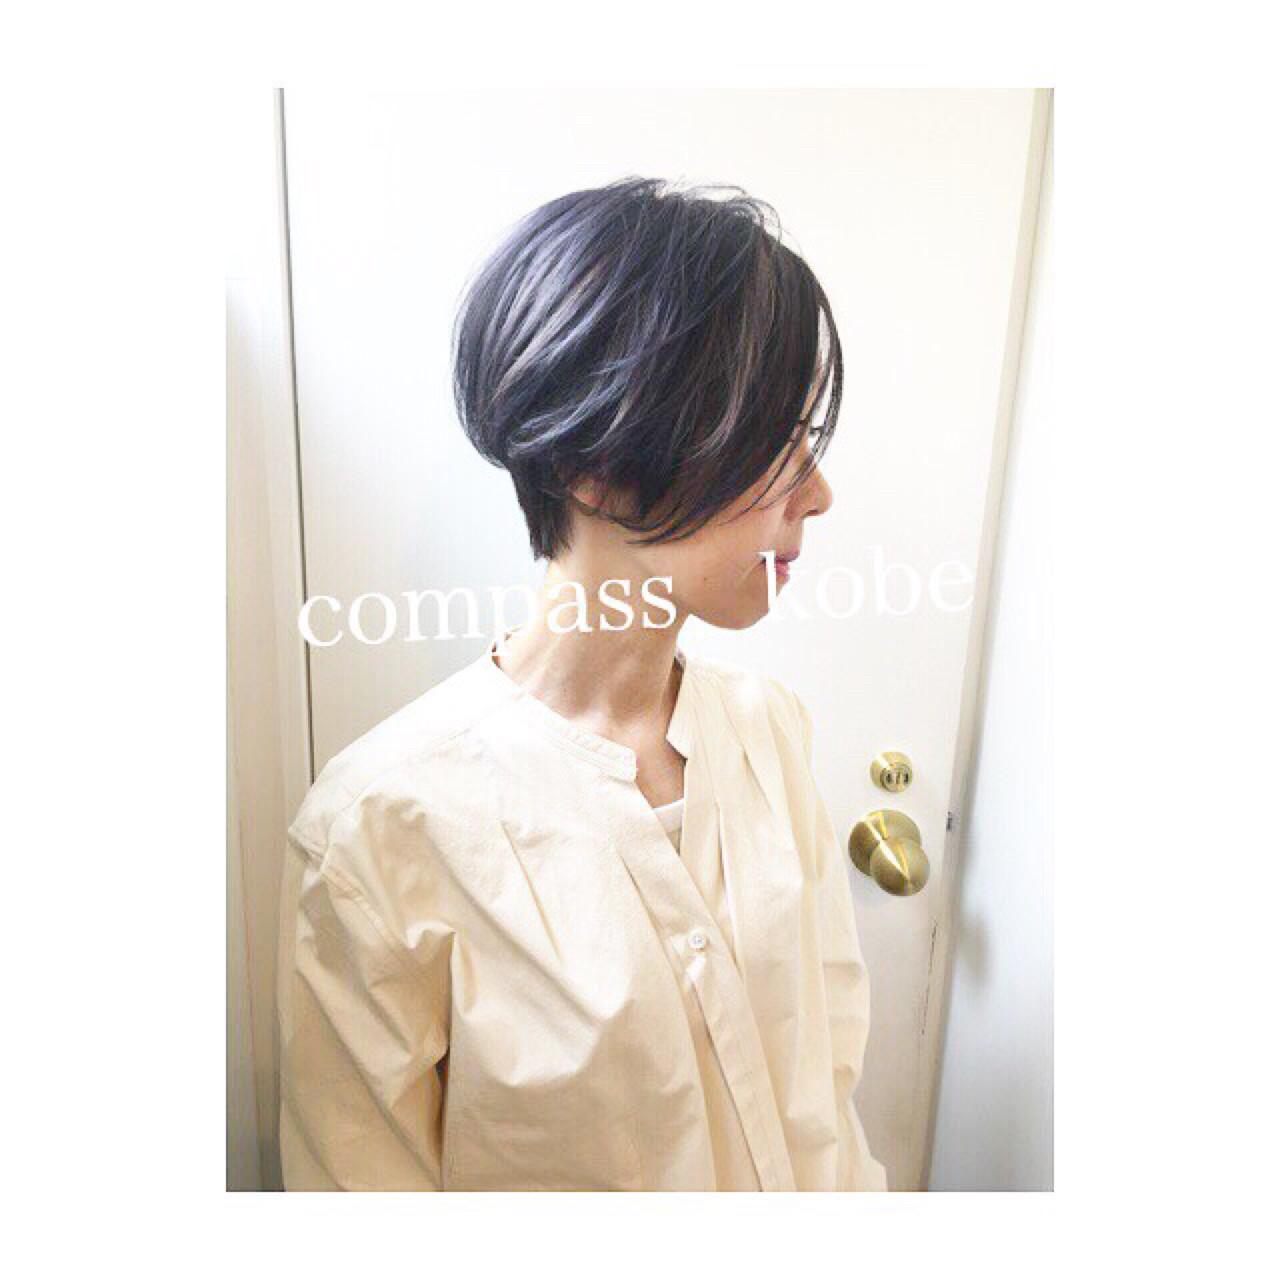 ショートヘア × パープルアッシュ デザインカラー☆ スタッフ募集中♫